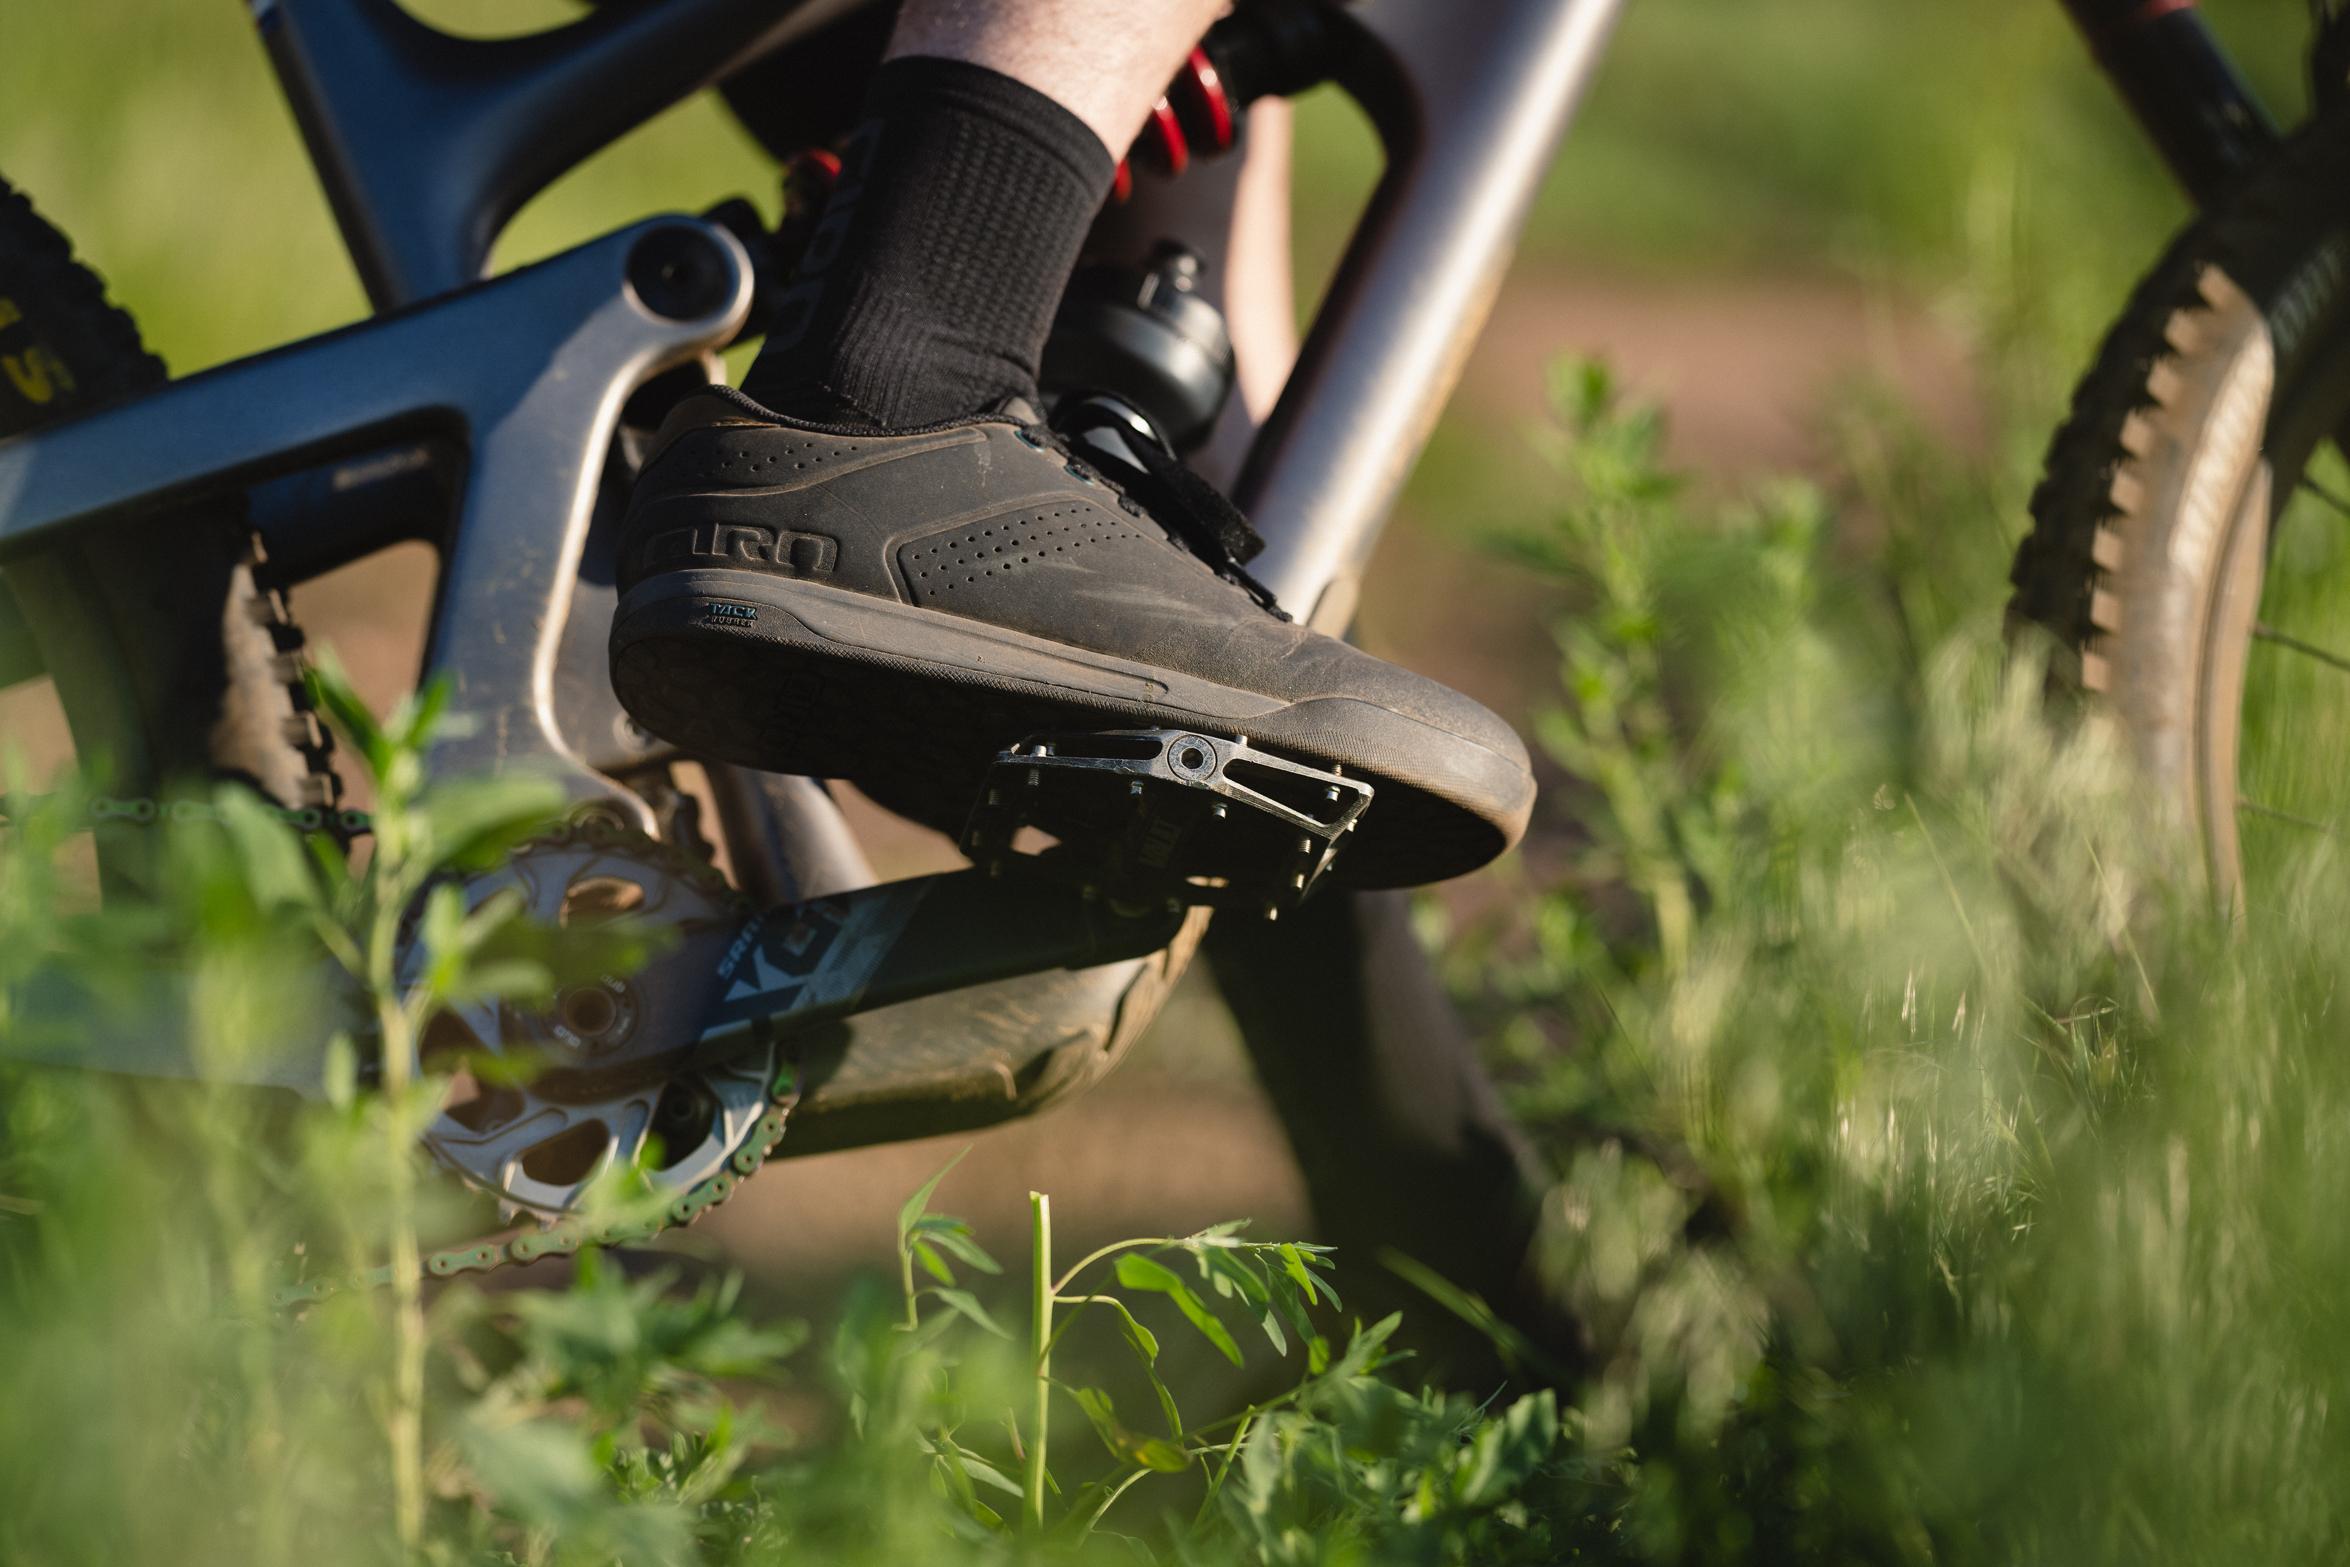 closeup of the Giro latch shoe on a mountain biker's foot